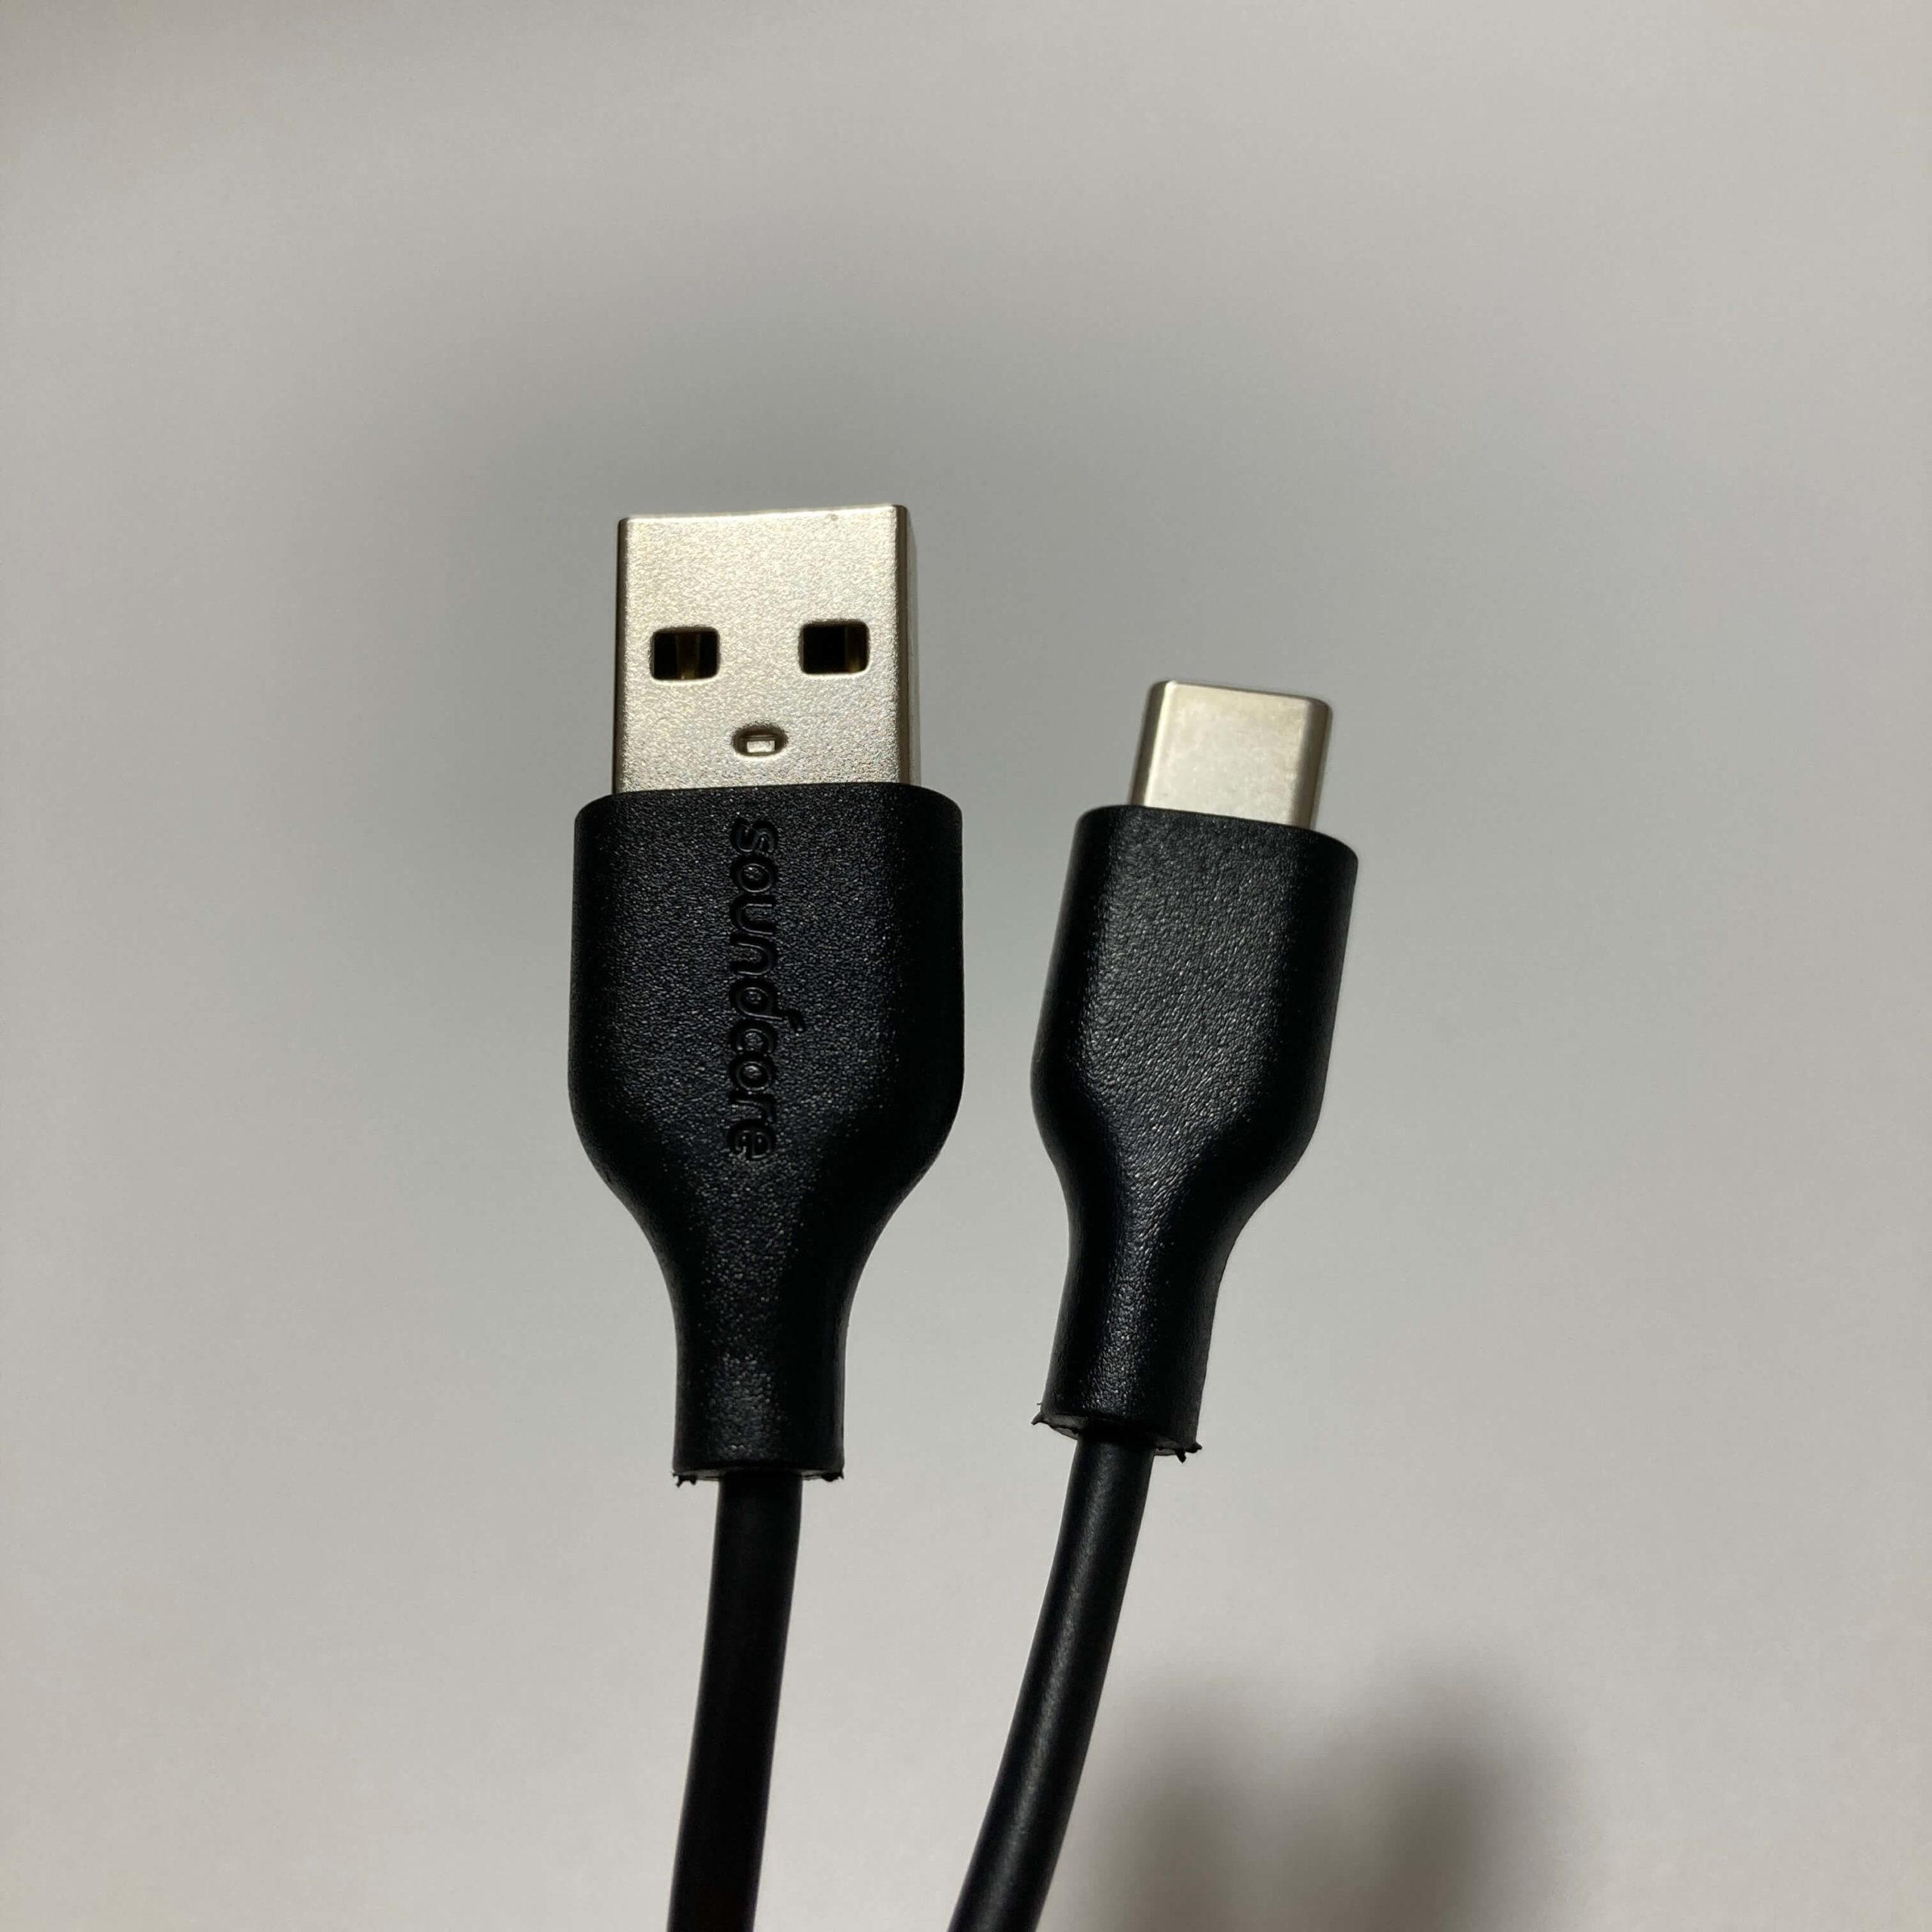 Life Q30の充電ケーブル